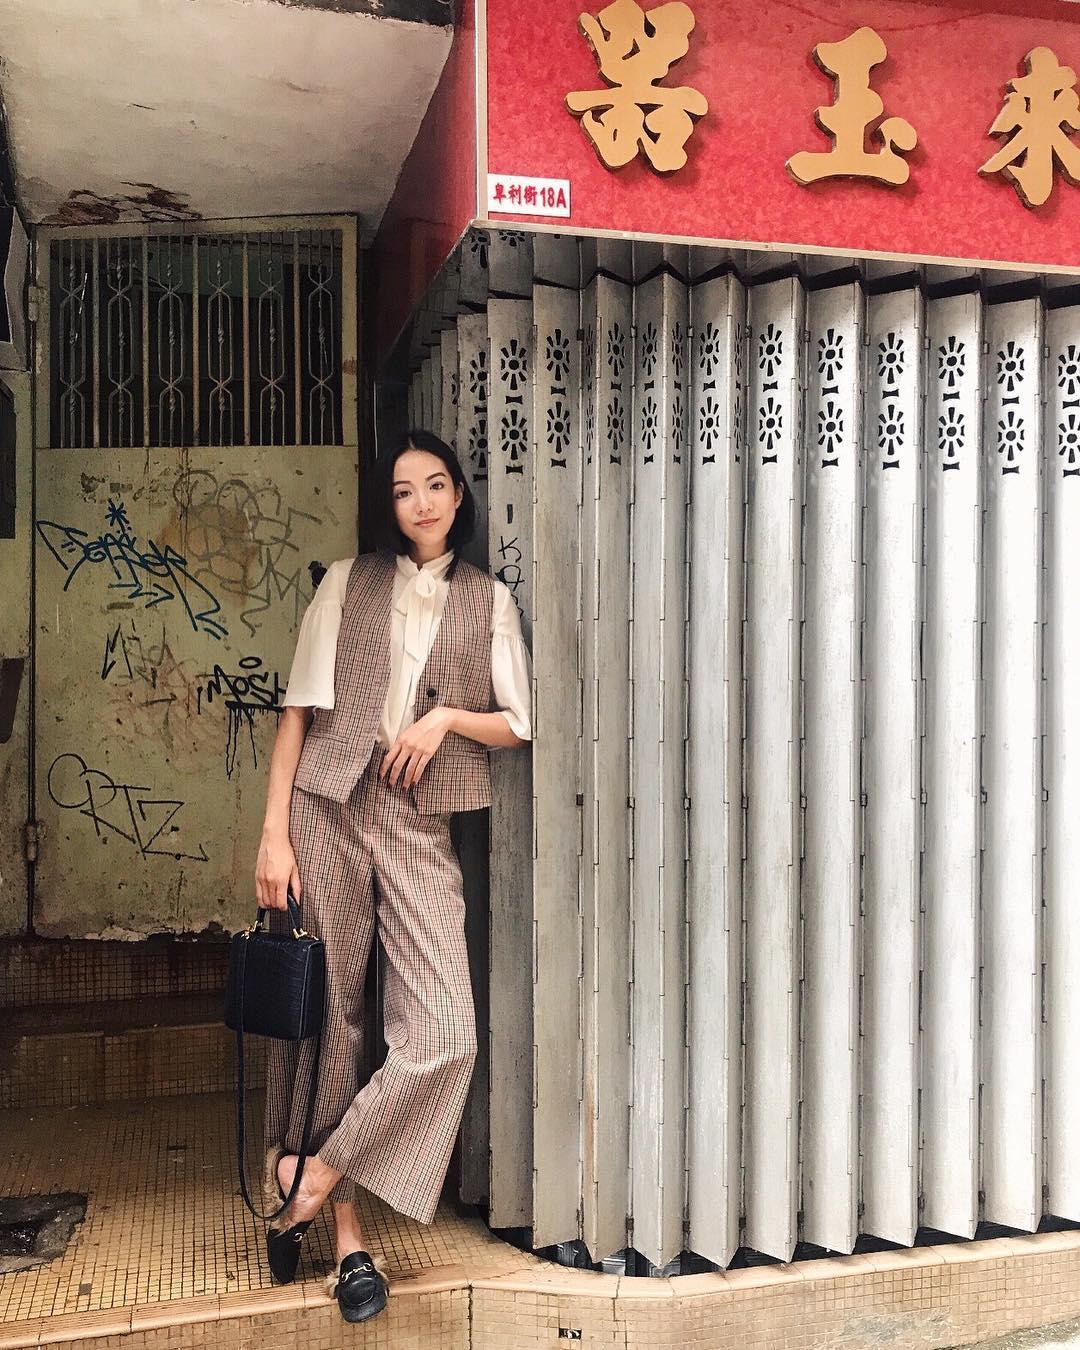 yoyo cao mặc quần caro ống rộng với áo sơ mi và gi lê